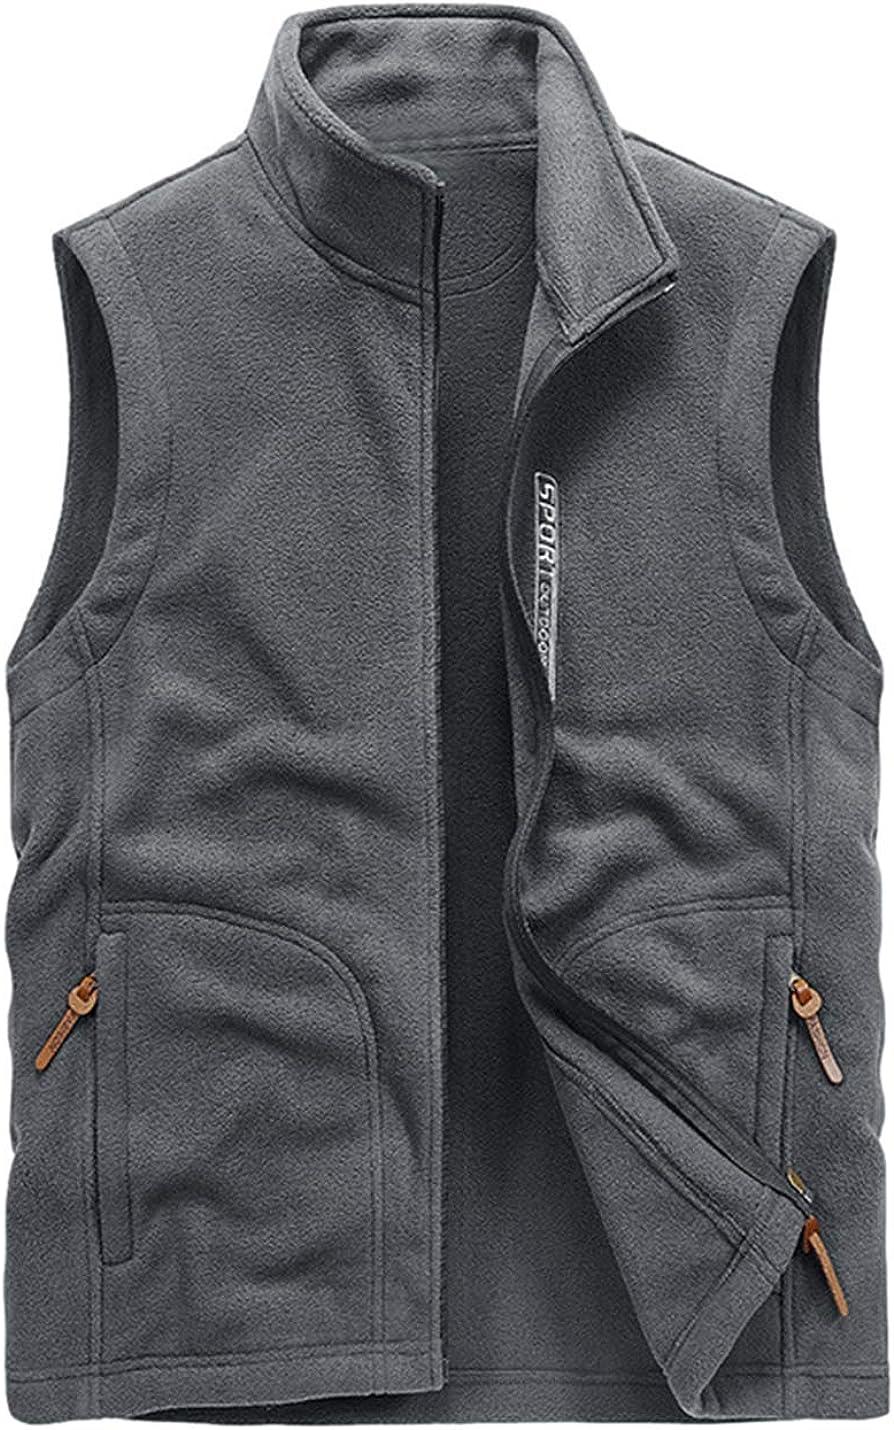 Omoone Men's Classic Full Zip Fleece Vest Fuzzy Waistcoat with Zipper Pockets